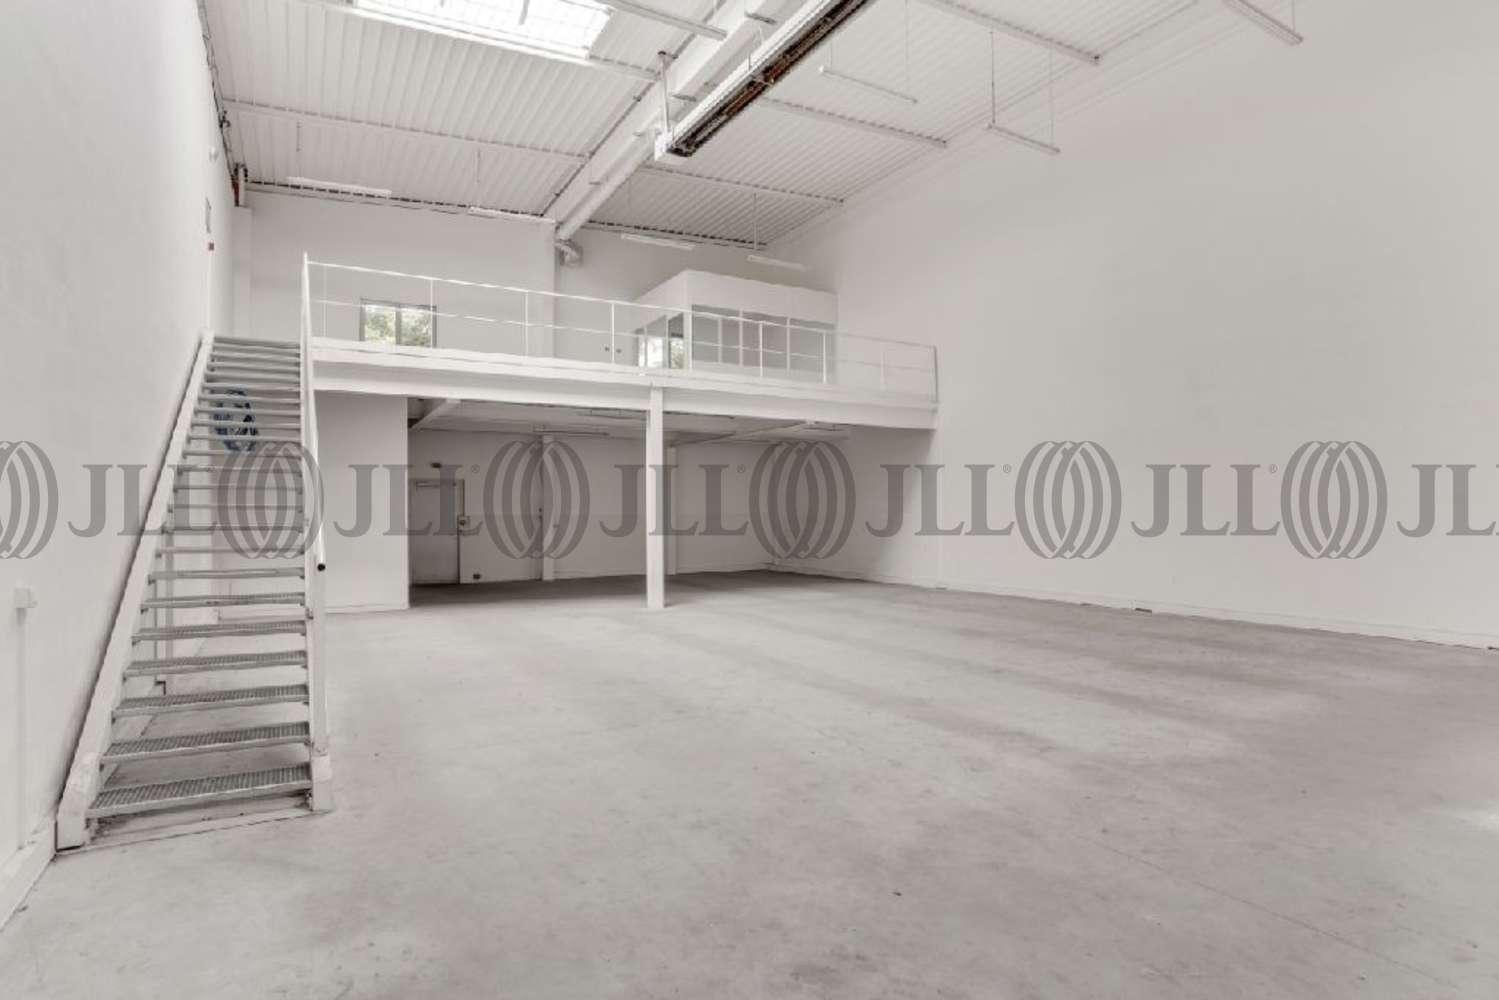 Activités/entrepôt Palaiseau, 91120 - IDF SUD / AUTRE